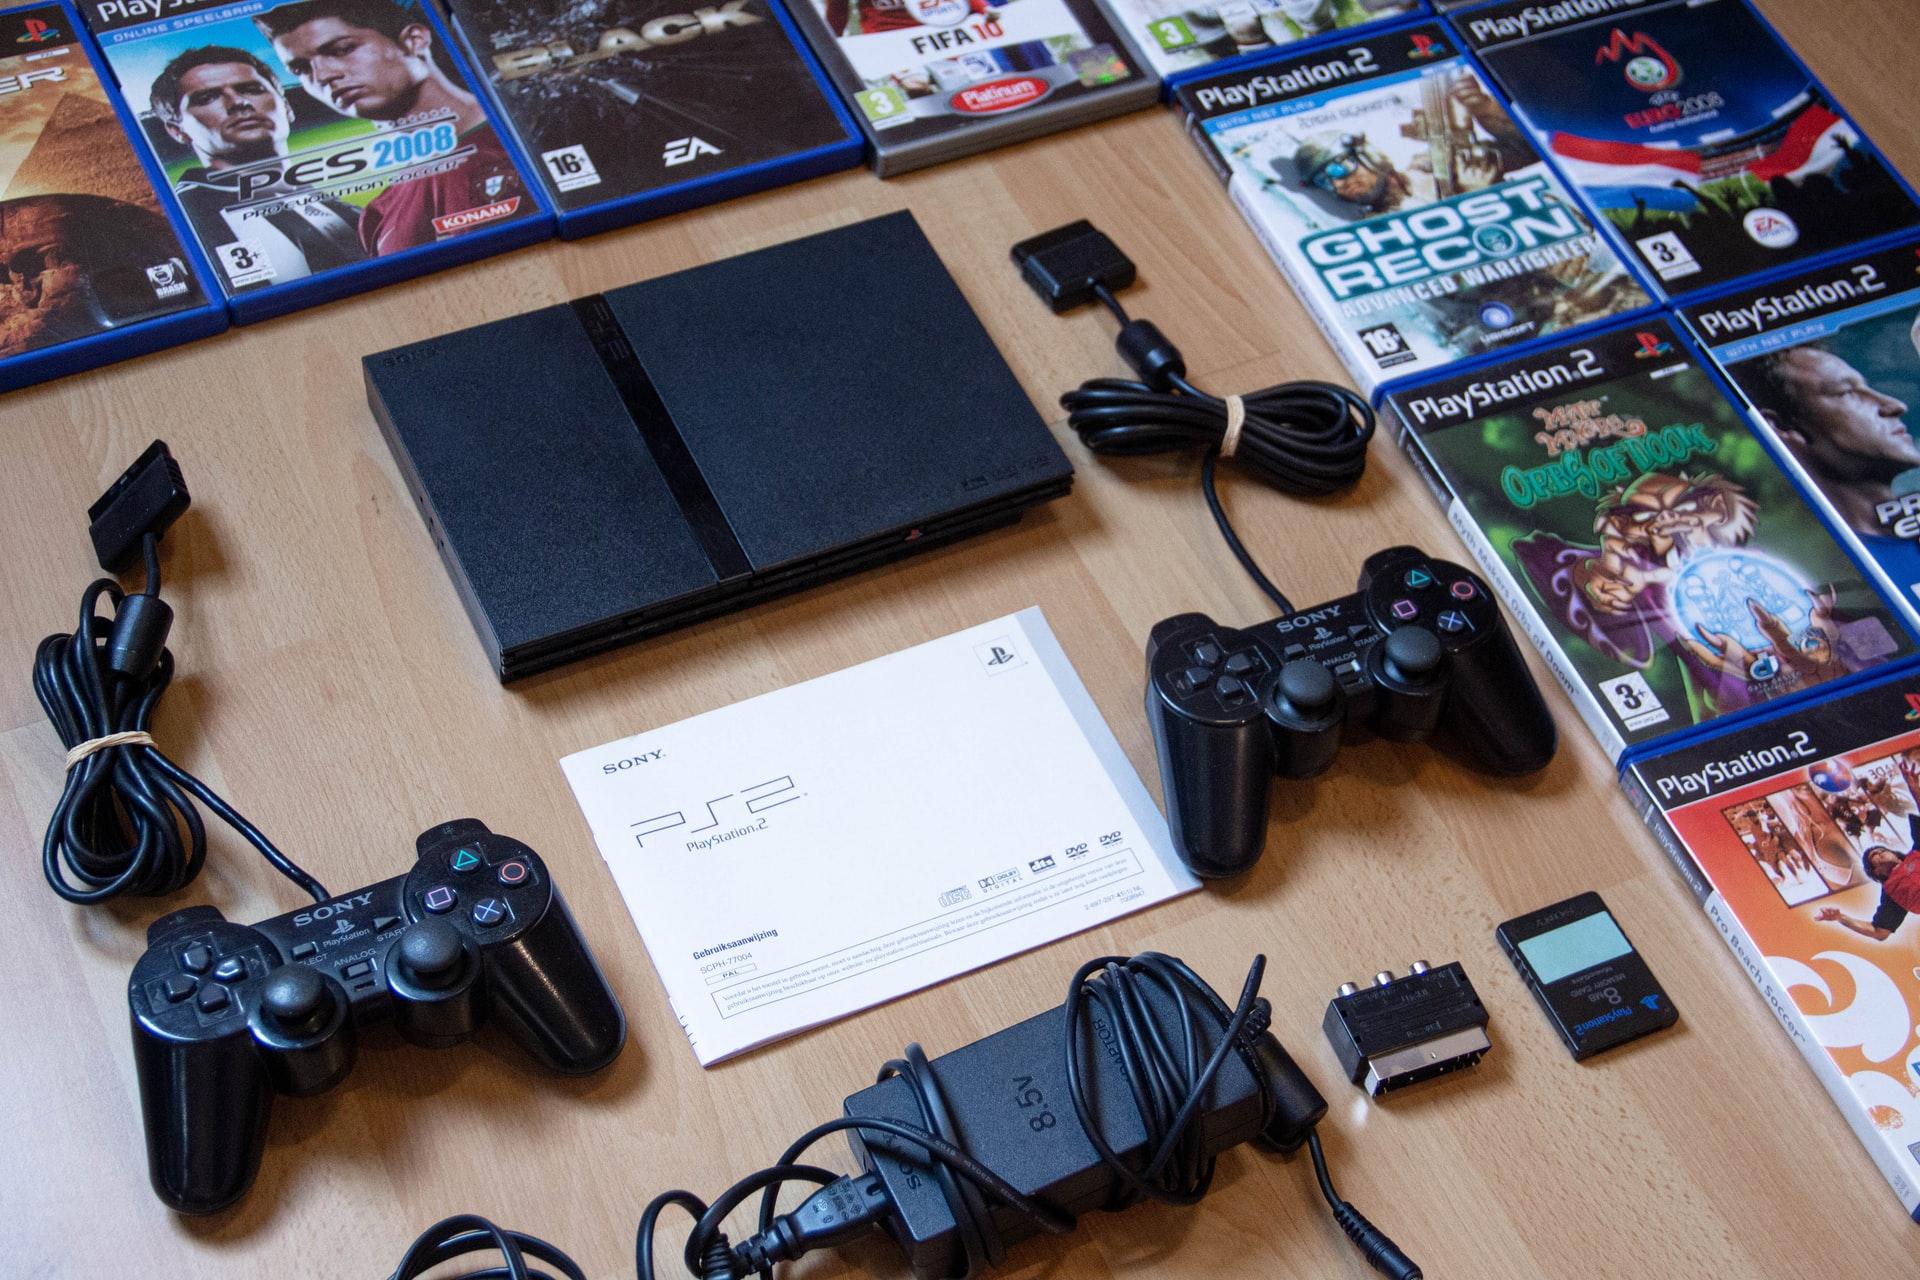 PlayStation 2 i gry w pudełkach